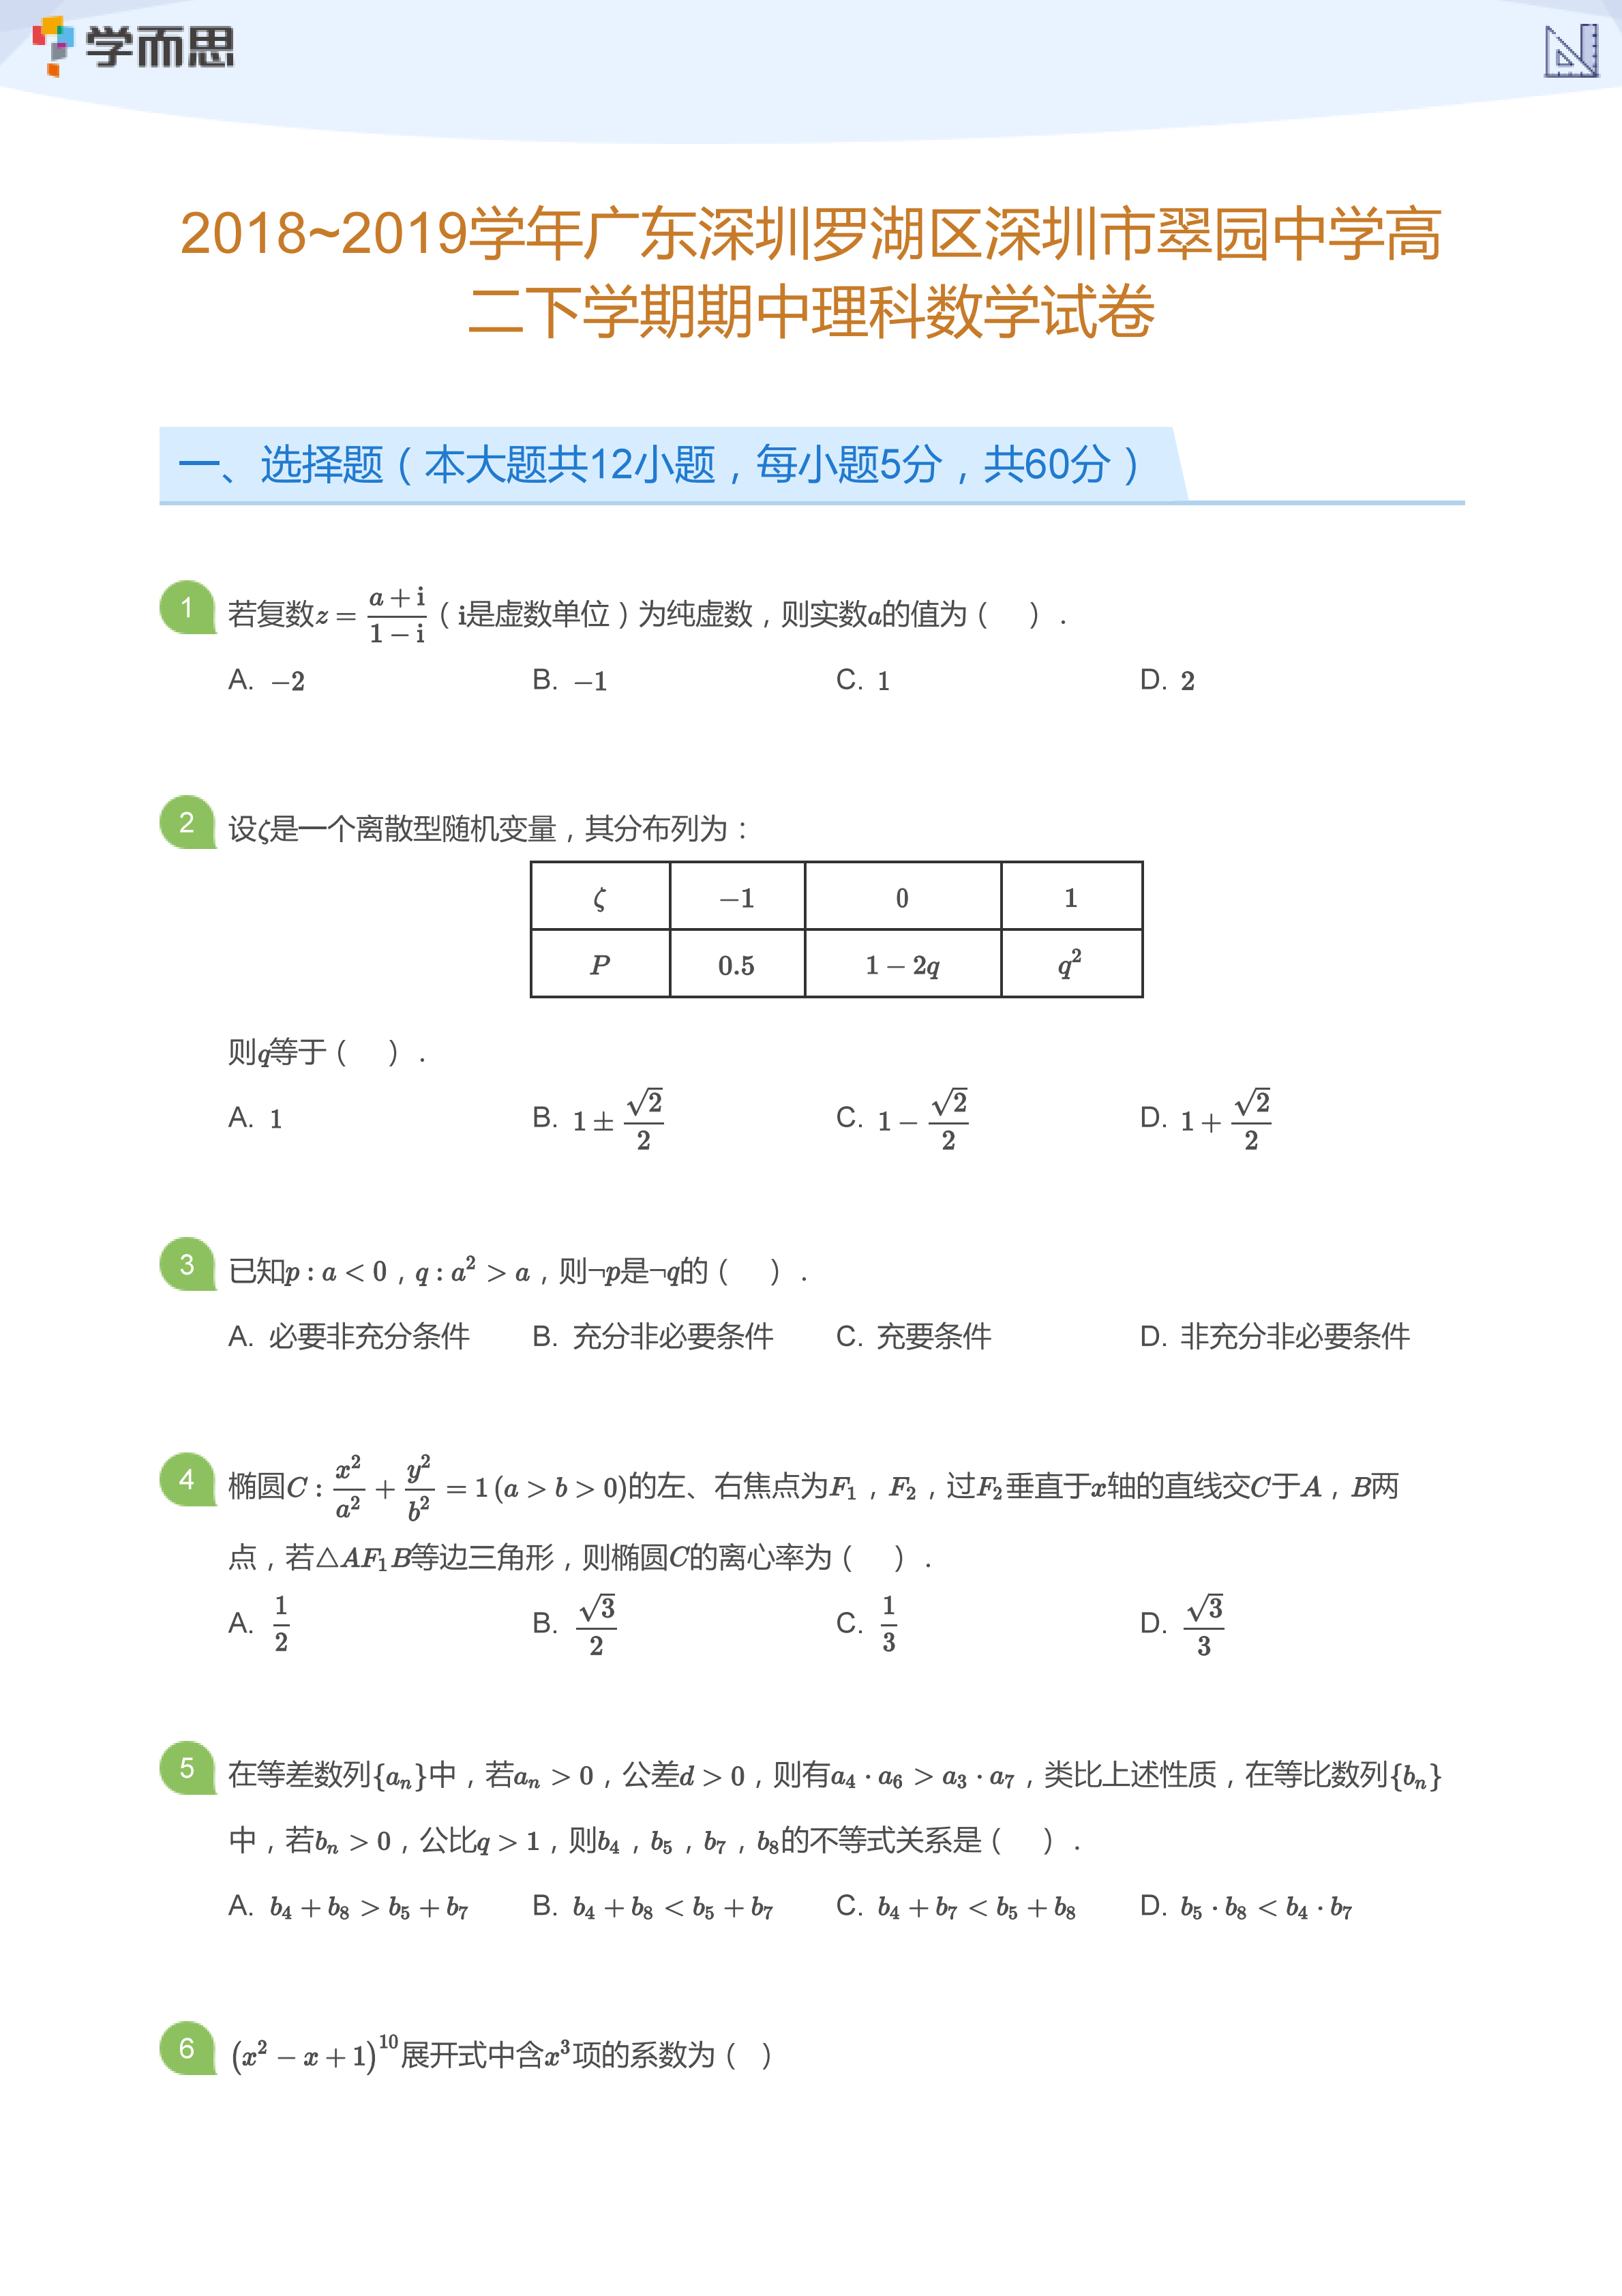 2018-2019学年深圳翠园中学高二下学期期中理科数学试卷及答案